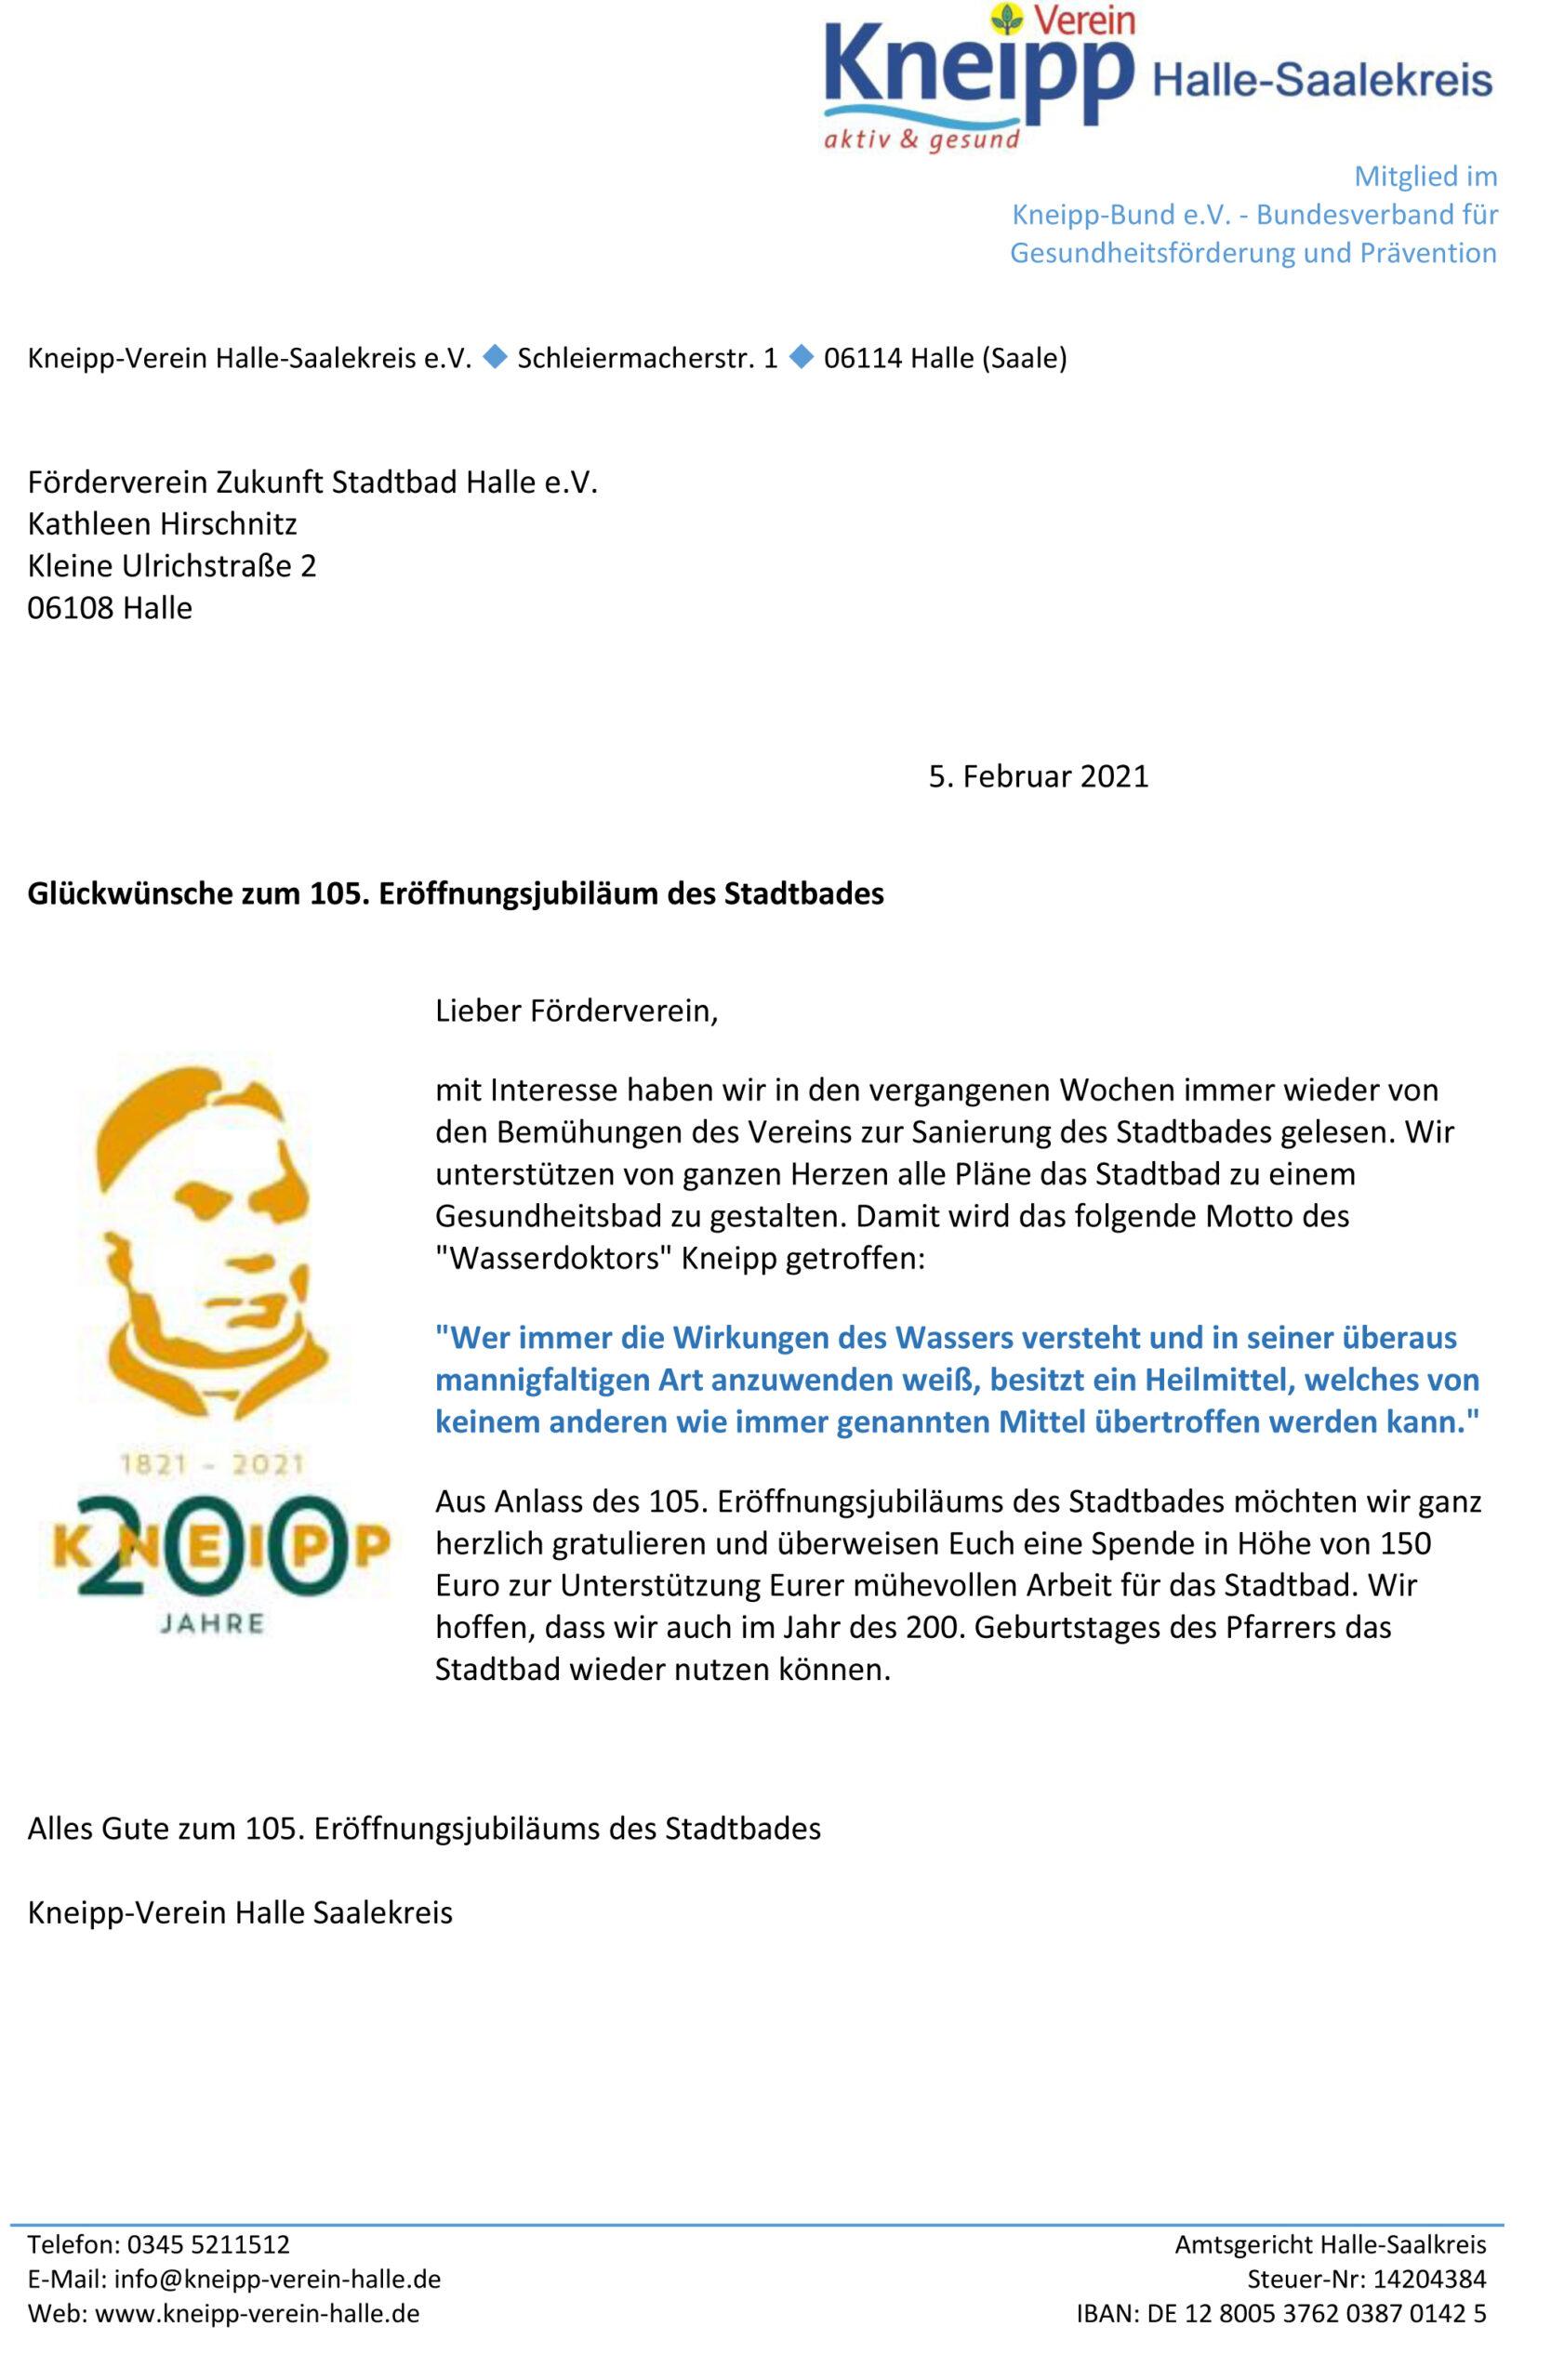 Glückwünsche des Kneippvereins.